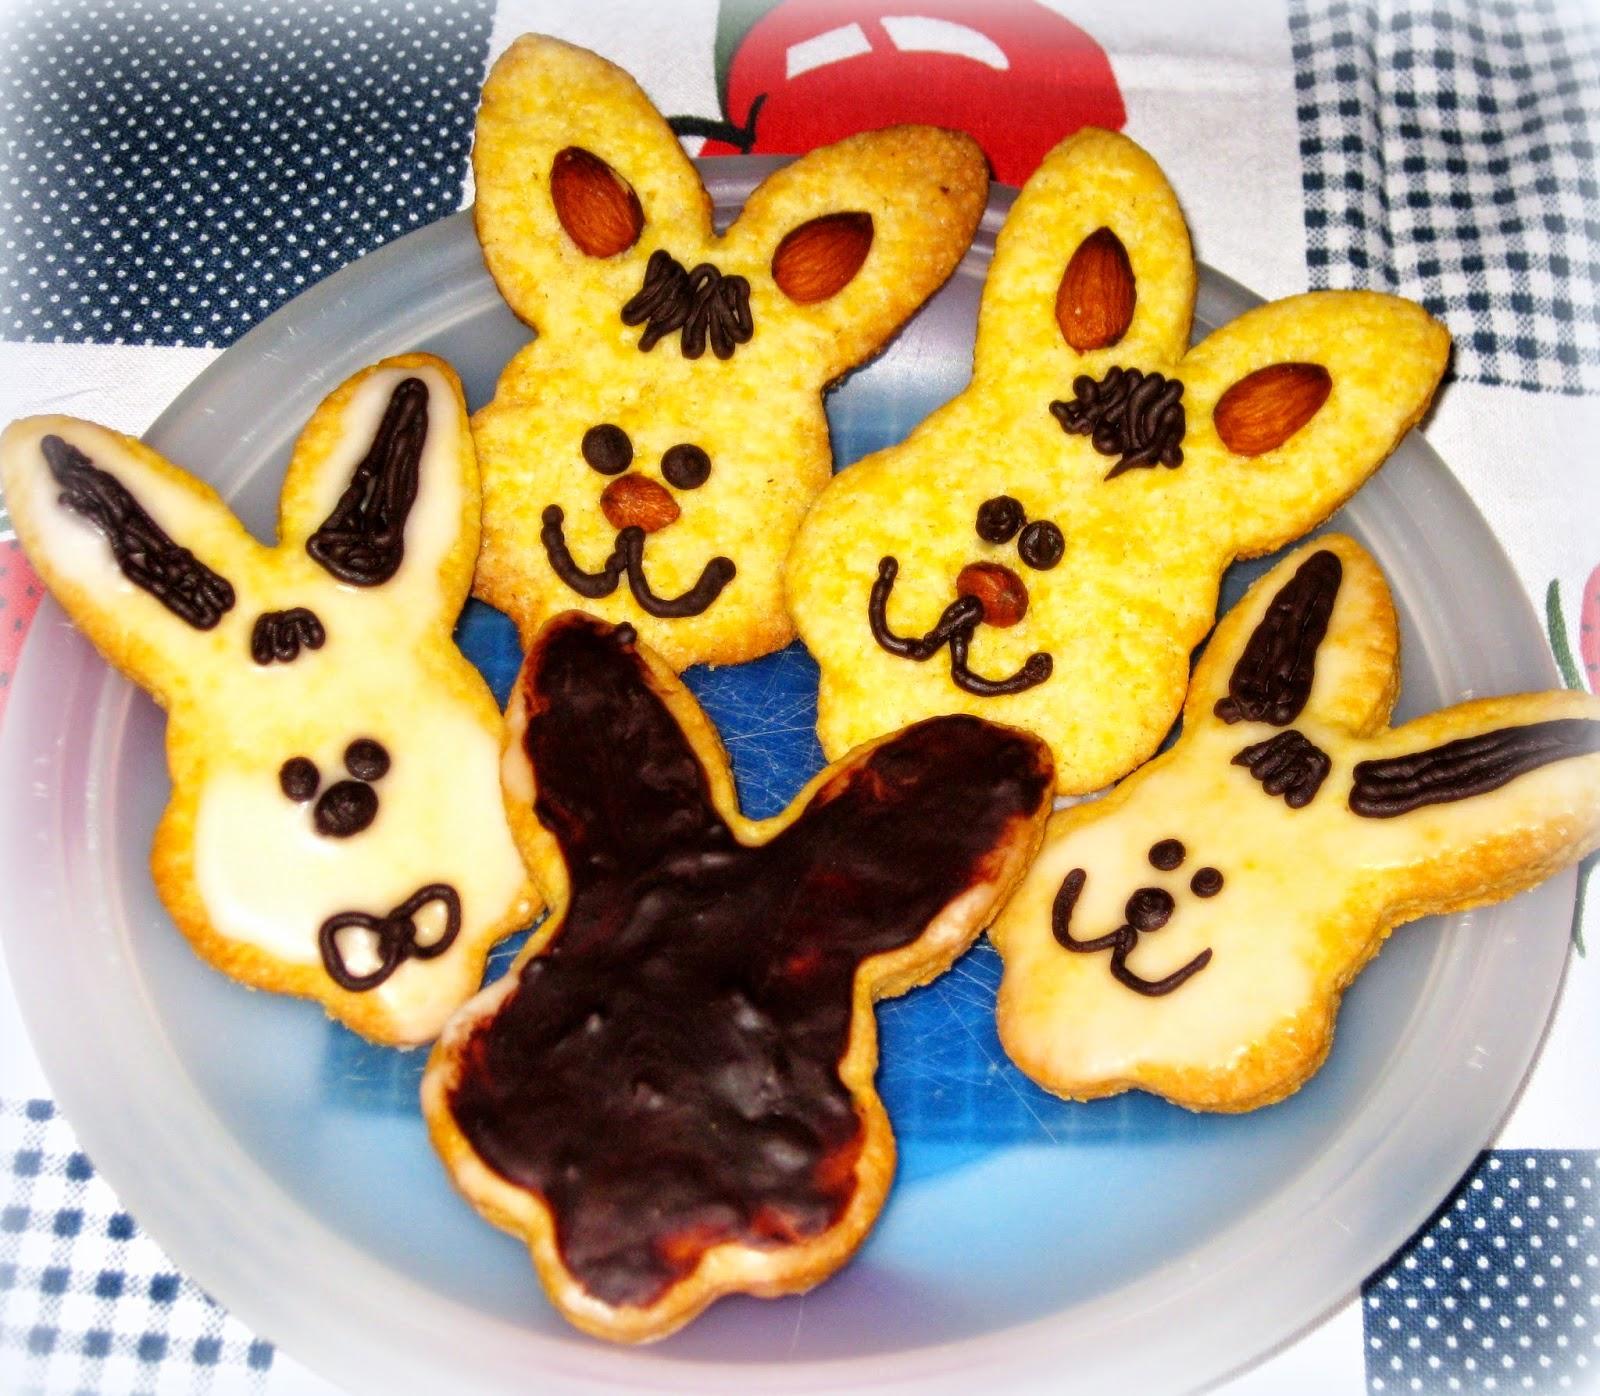 Per Pasqua voglio preparare dei Biscotti molto semplici, ma decorati con glassa bianca e nera.